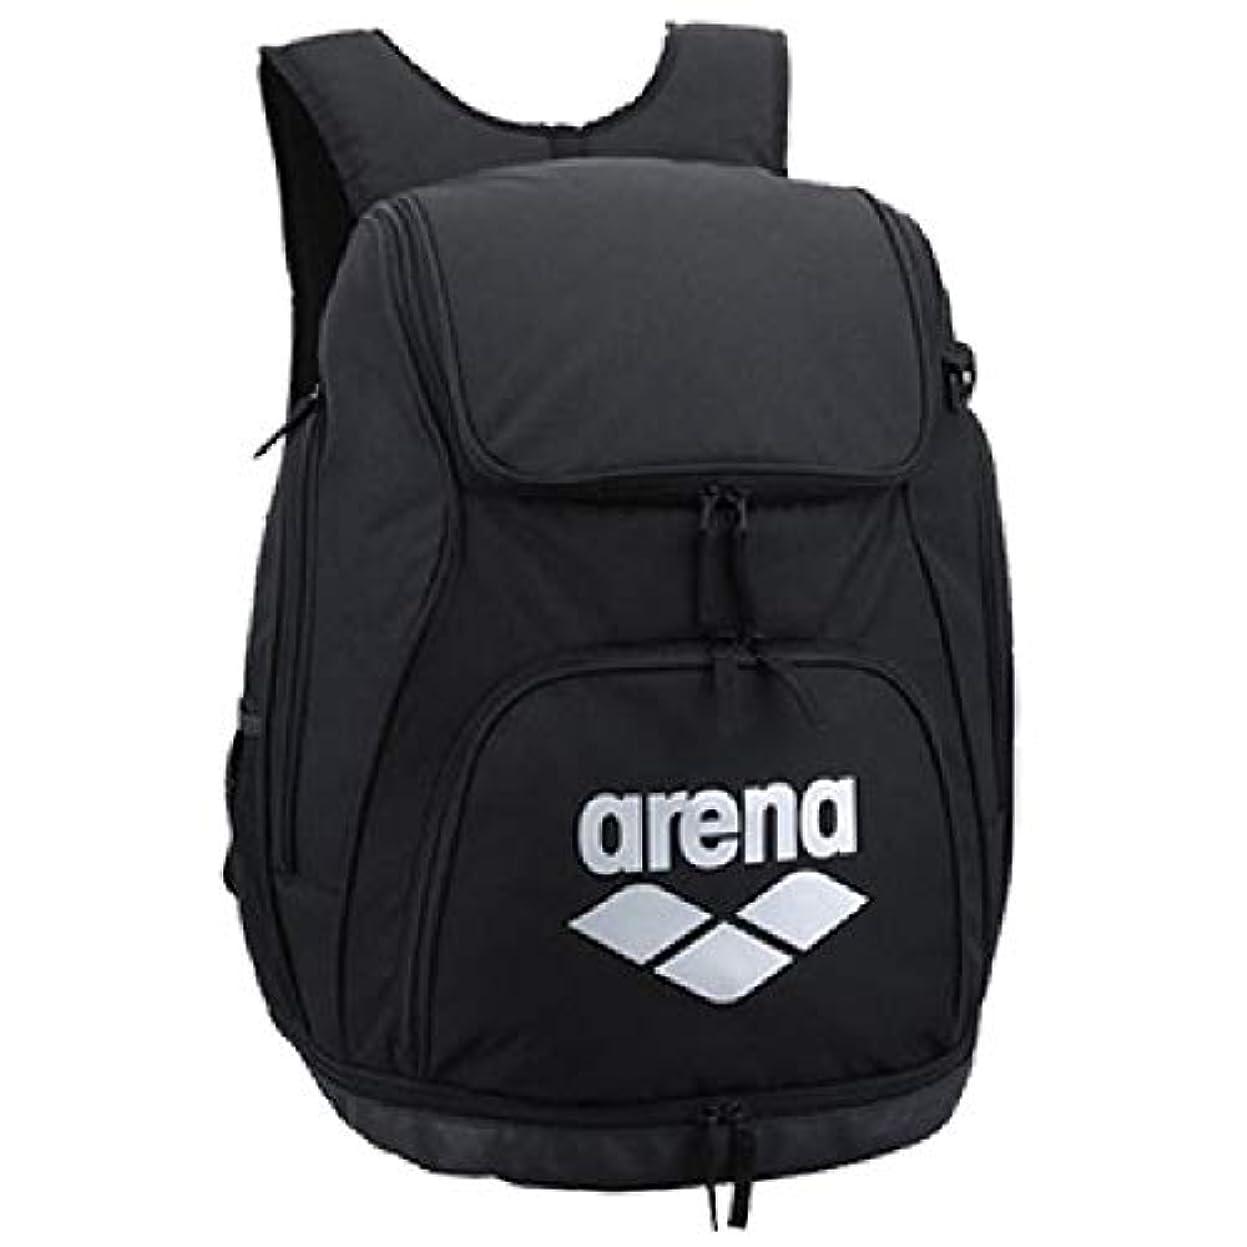 秀でる彼聴衆バックパック メンズ レディース ジュニア arena アリーナ リュックサック スポーツバッグ 34L 水泳 競泳 スイマーズバッグ Dパック デイパック ロゴ 鞄 かばん/AEANJA01